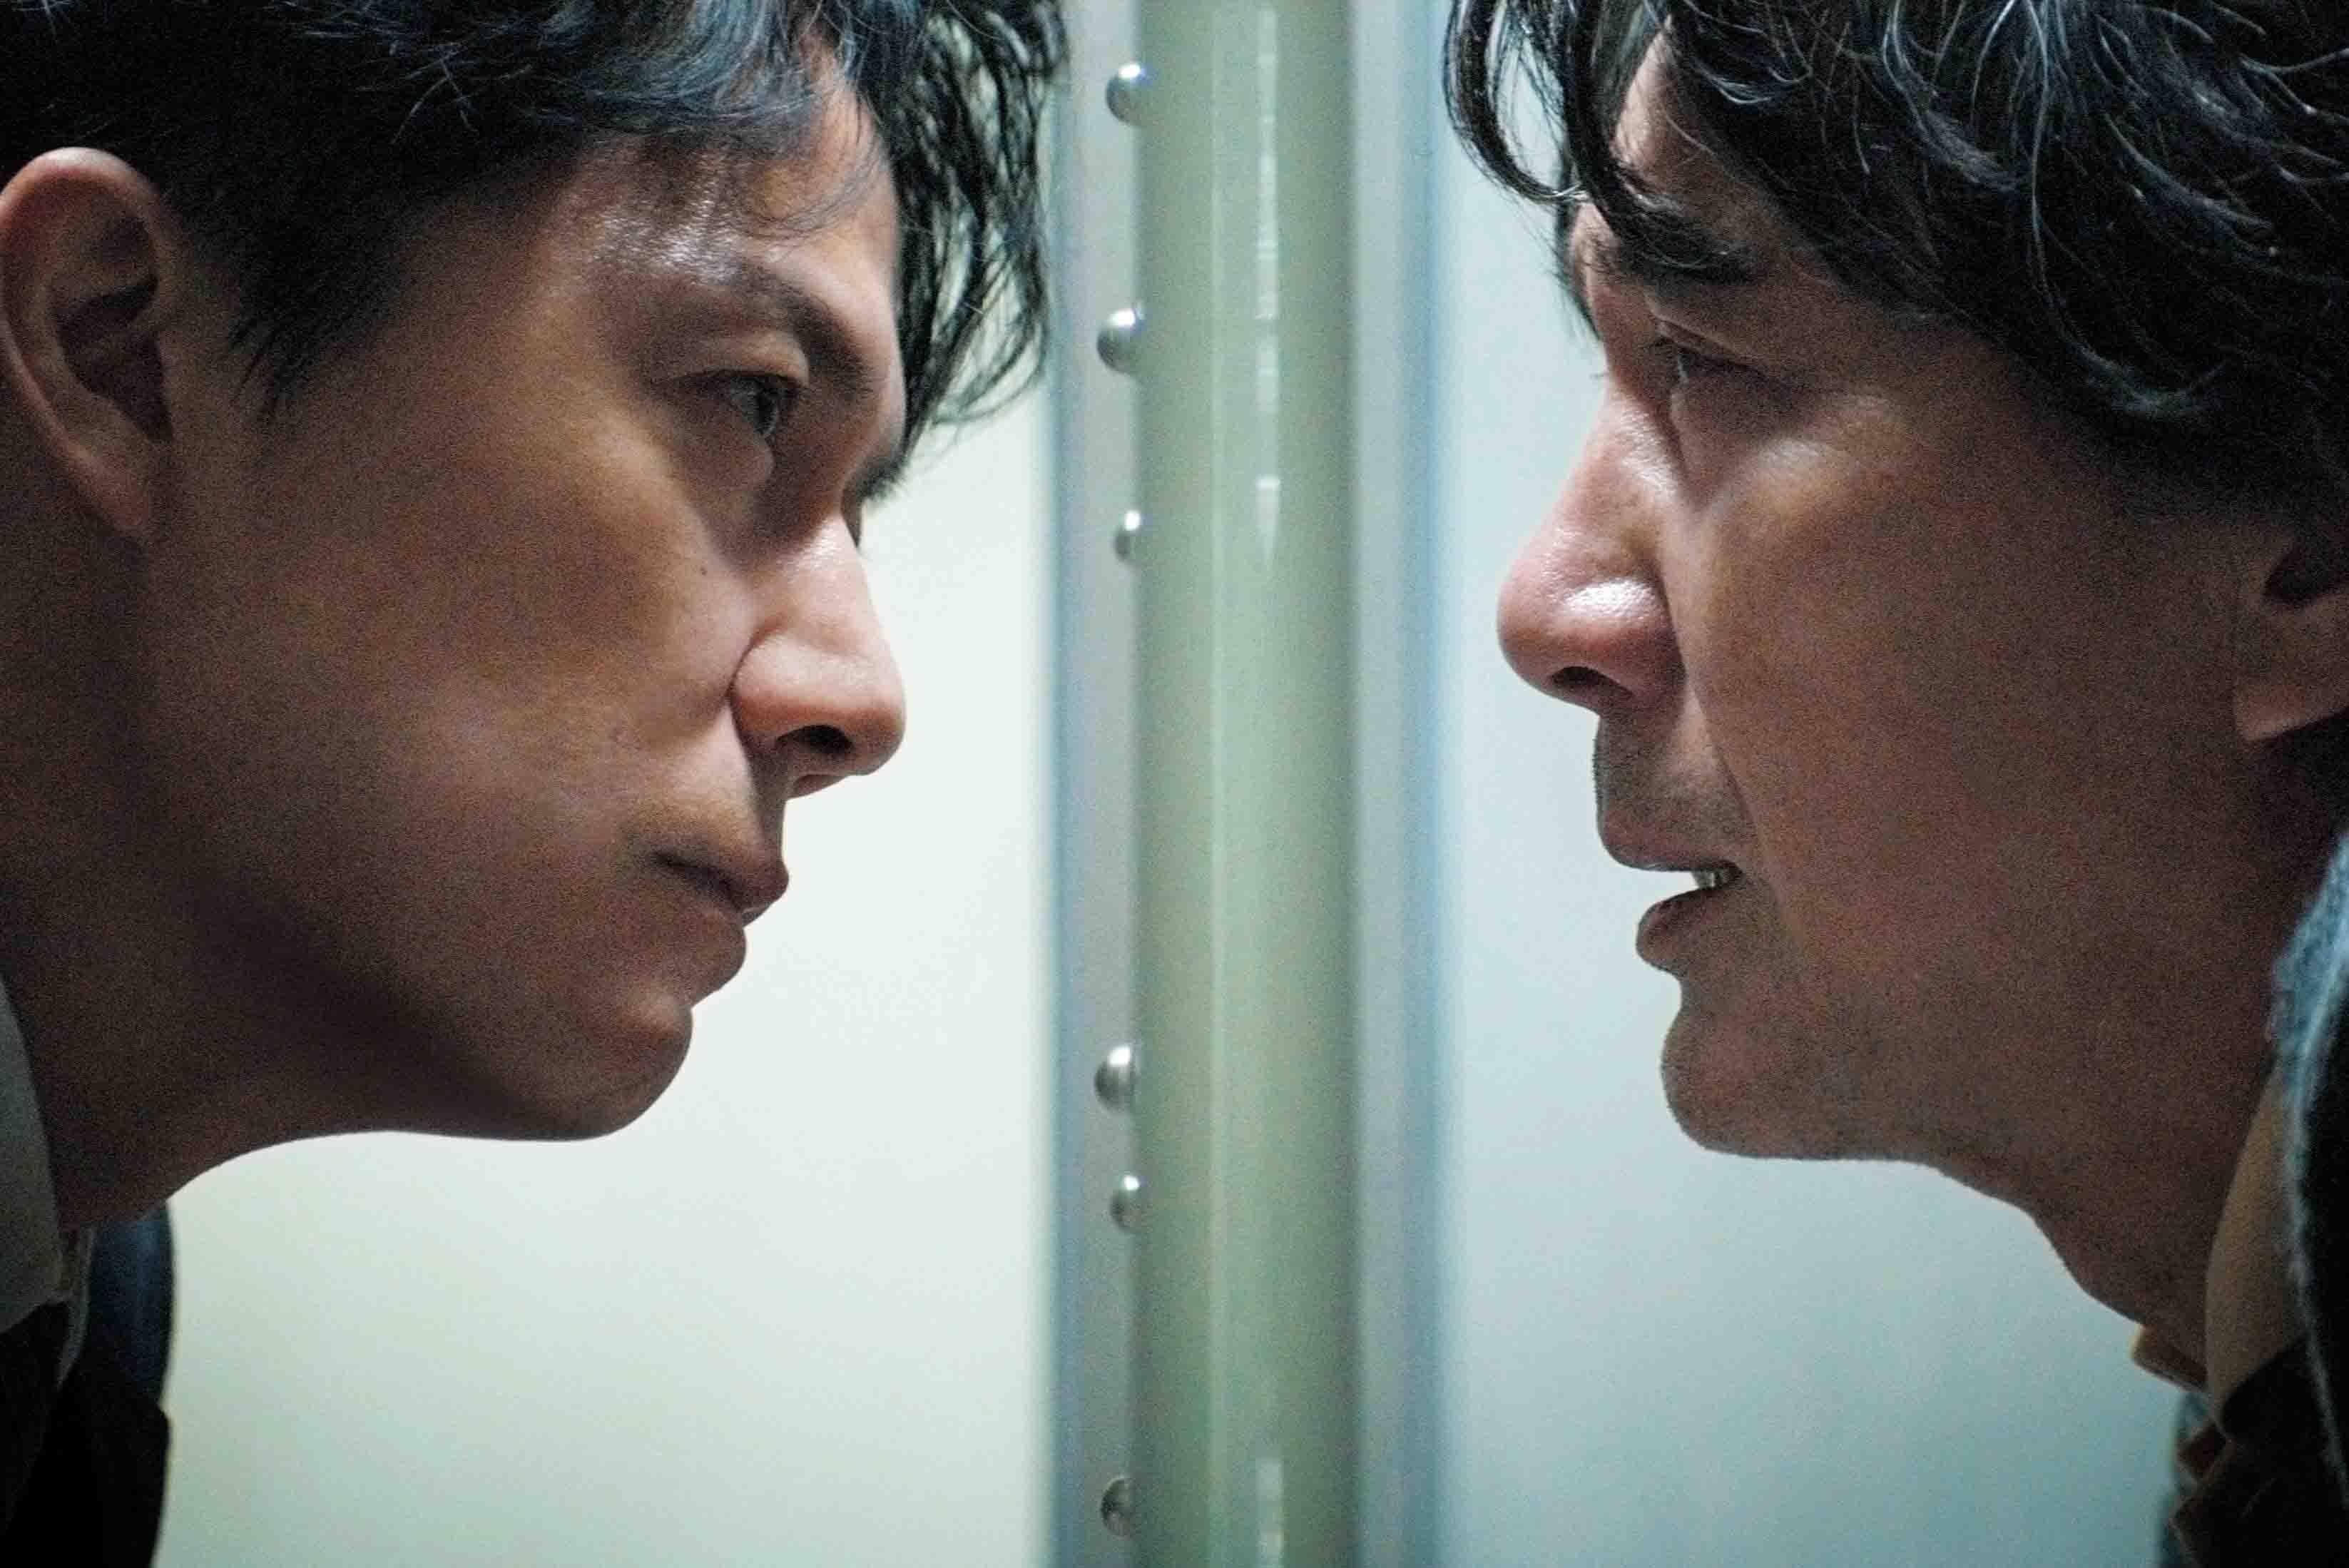 日本悬疑电影《第三度嫌疑人》用自己的死保护了那仅有的一丝人性 (2)